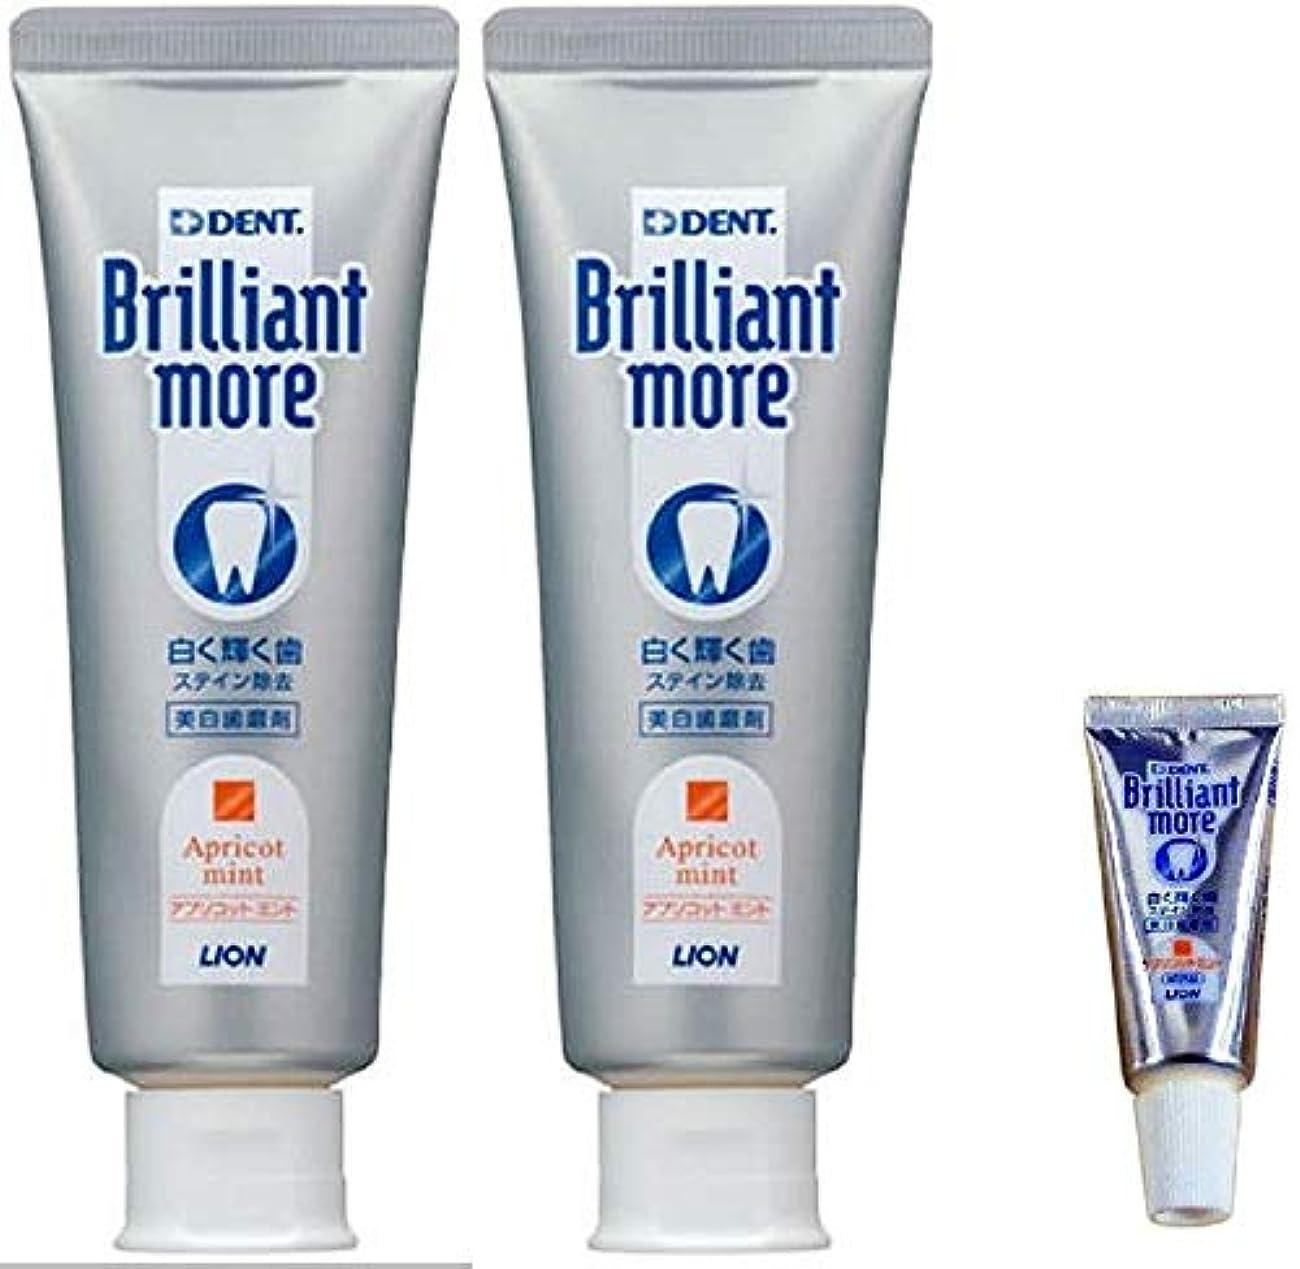 懸念ハブブラリーライオン ブリリアントモア アプリコットミント 歯科用 美白歯磨剤 90g×2本 (試供品 20g×1本付き)期間限定